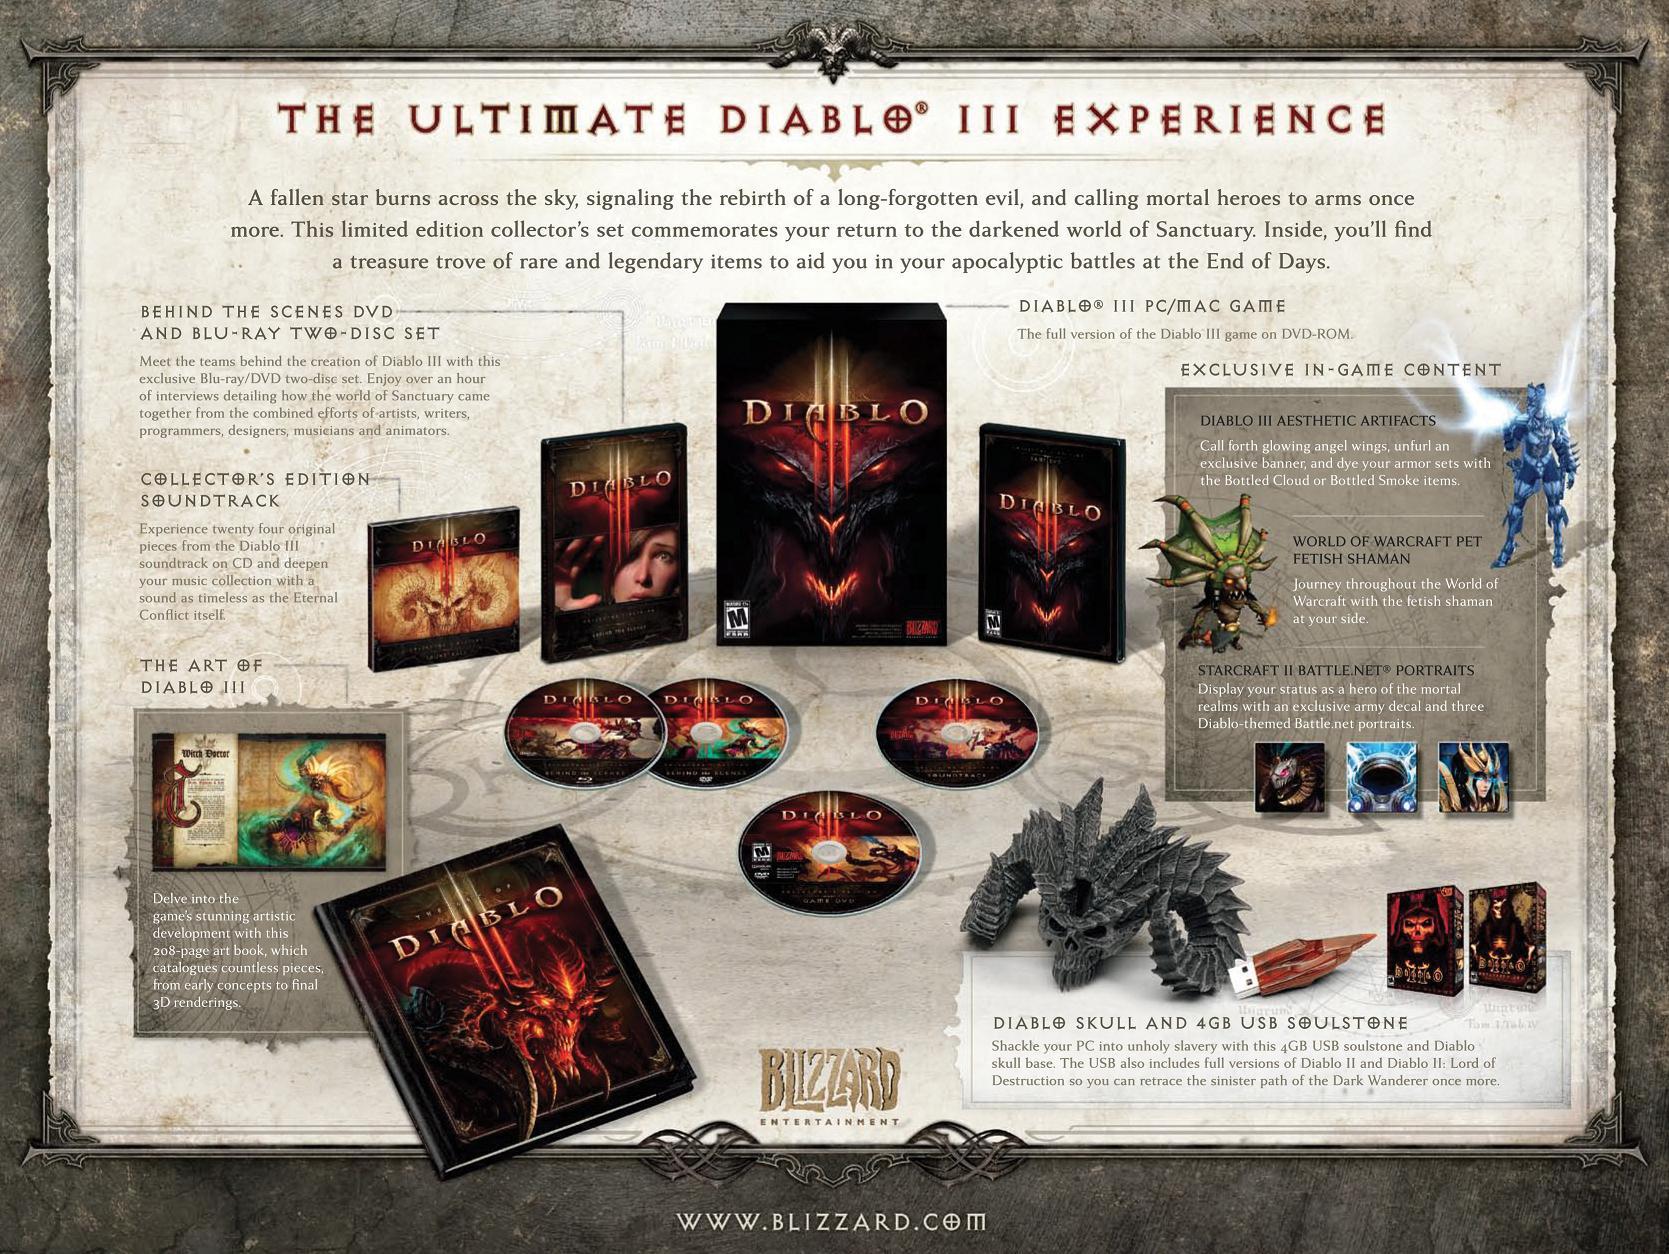 GameStop reveals Diablo III Collector's Edition content